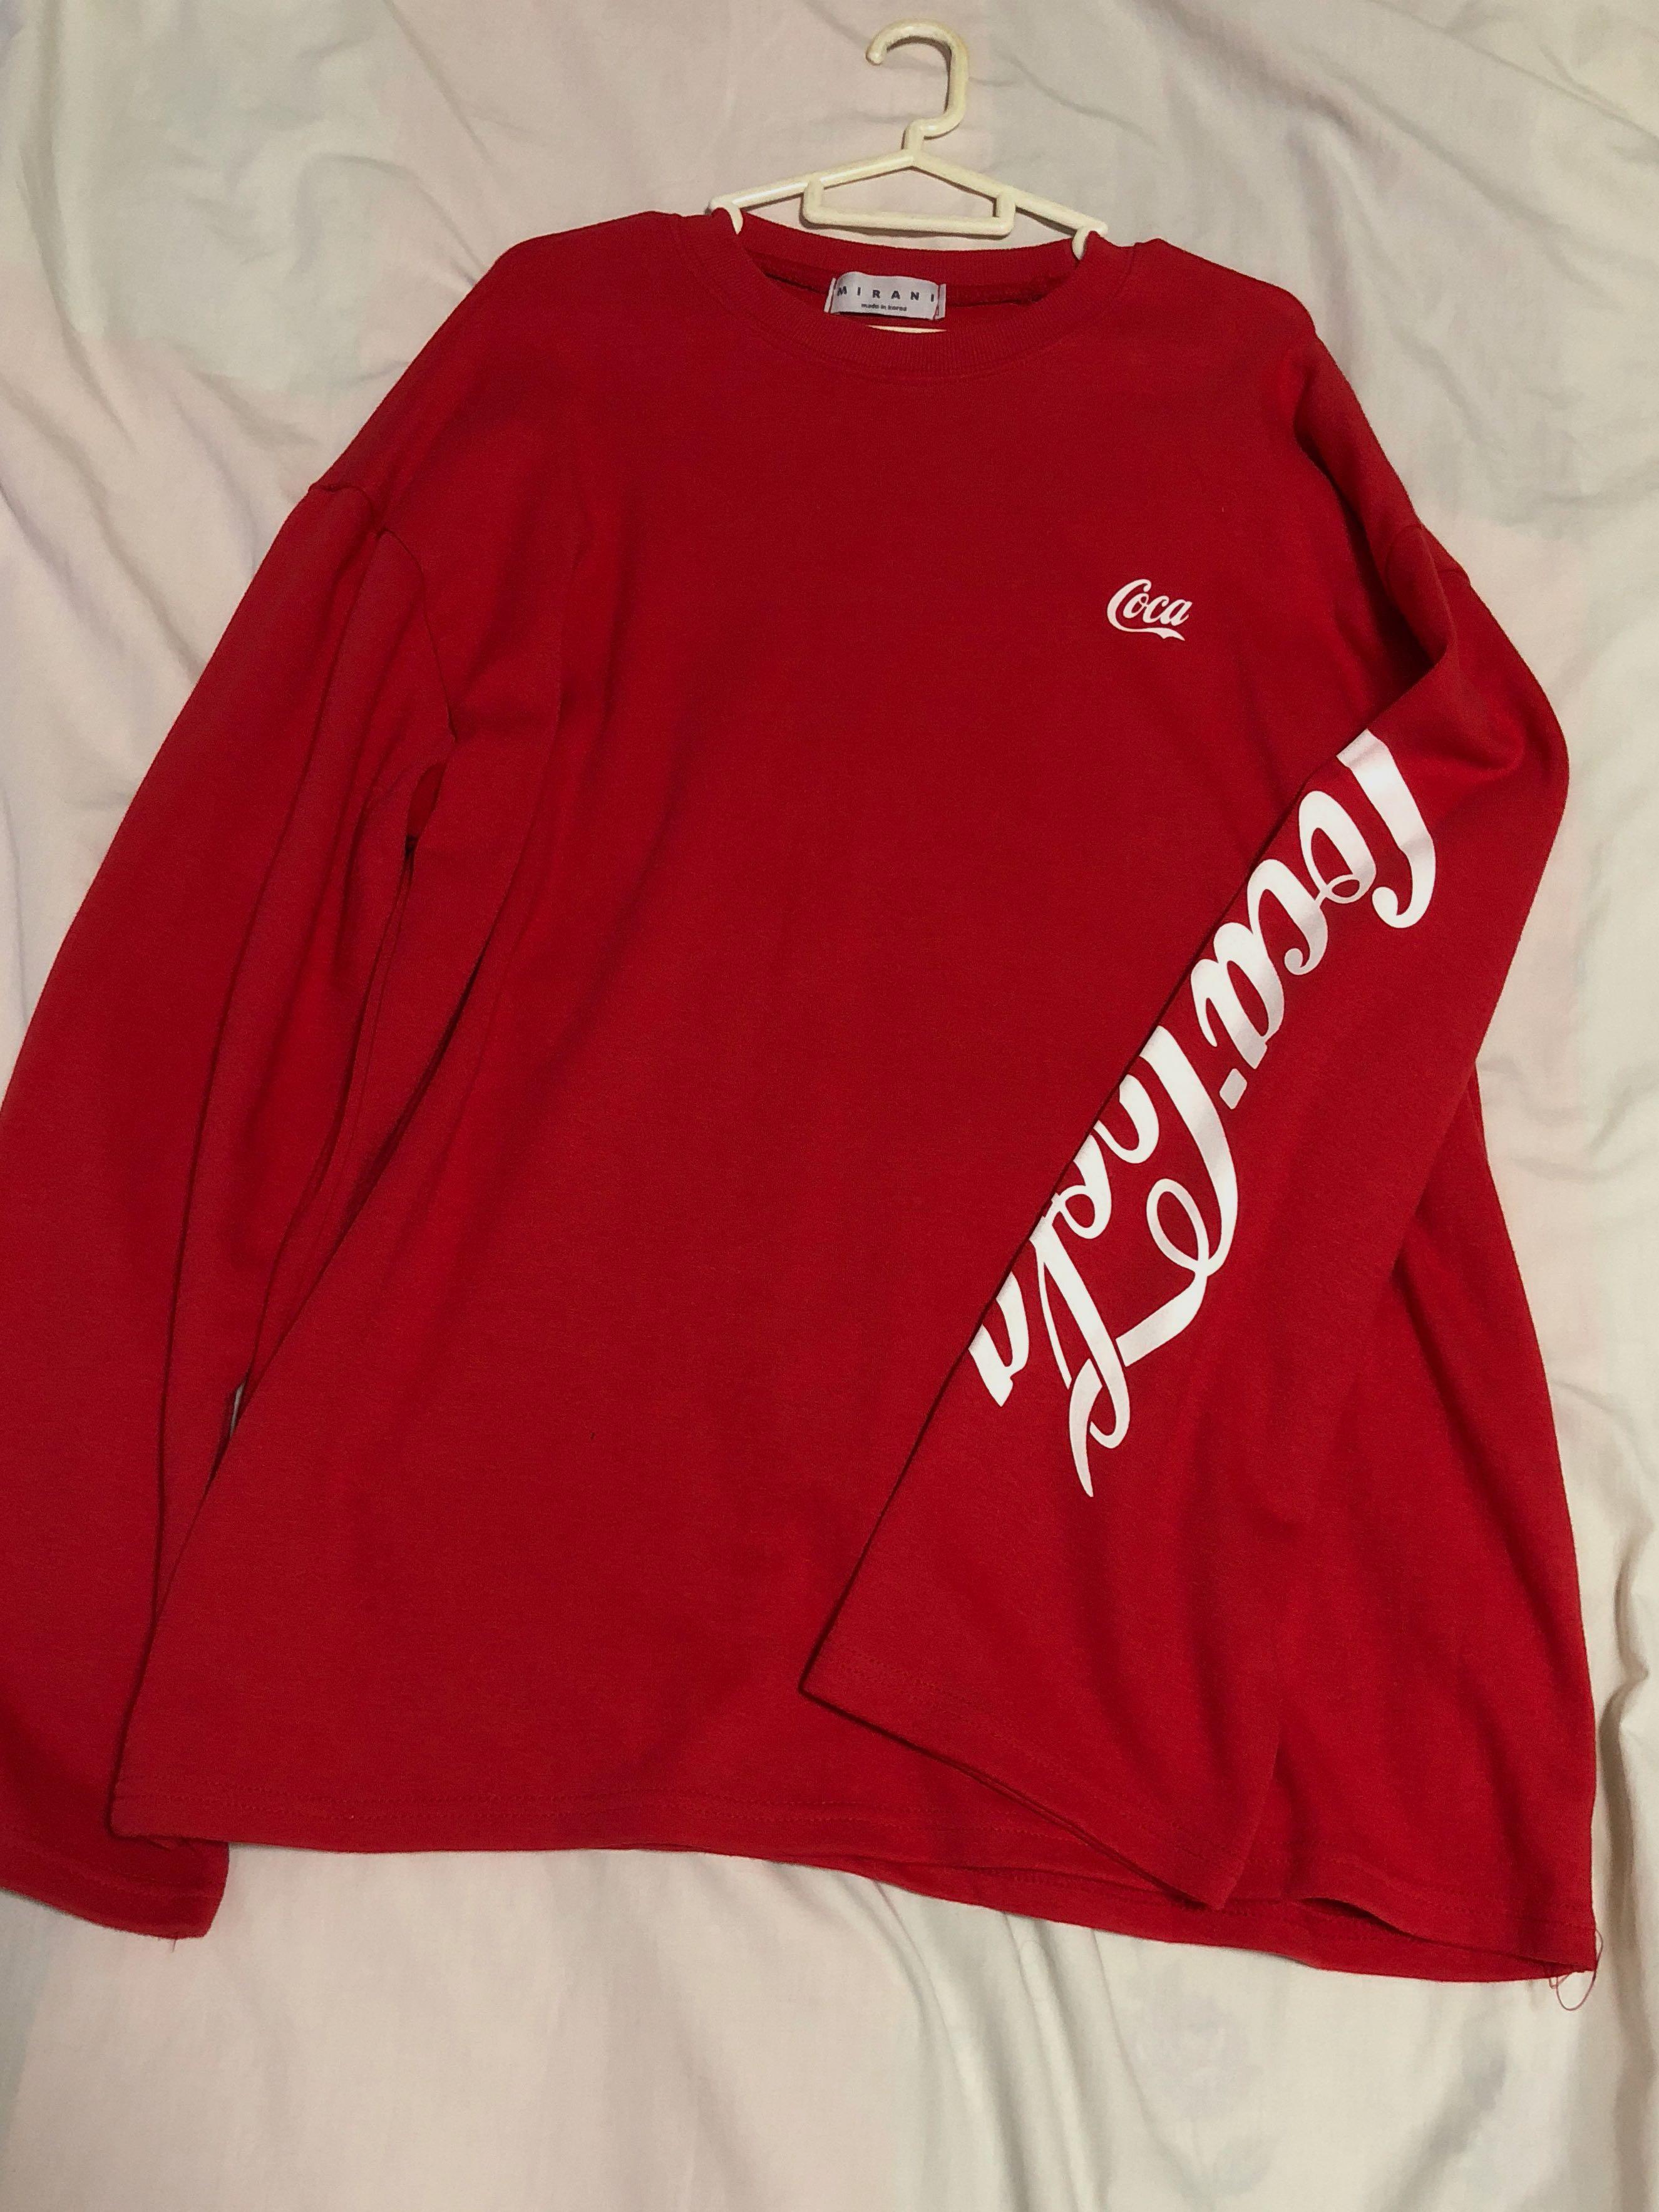 0e1a7ad37ab Korea oversized red Coca Cola sweater   pullover